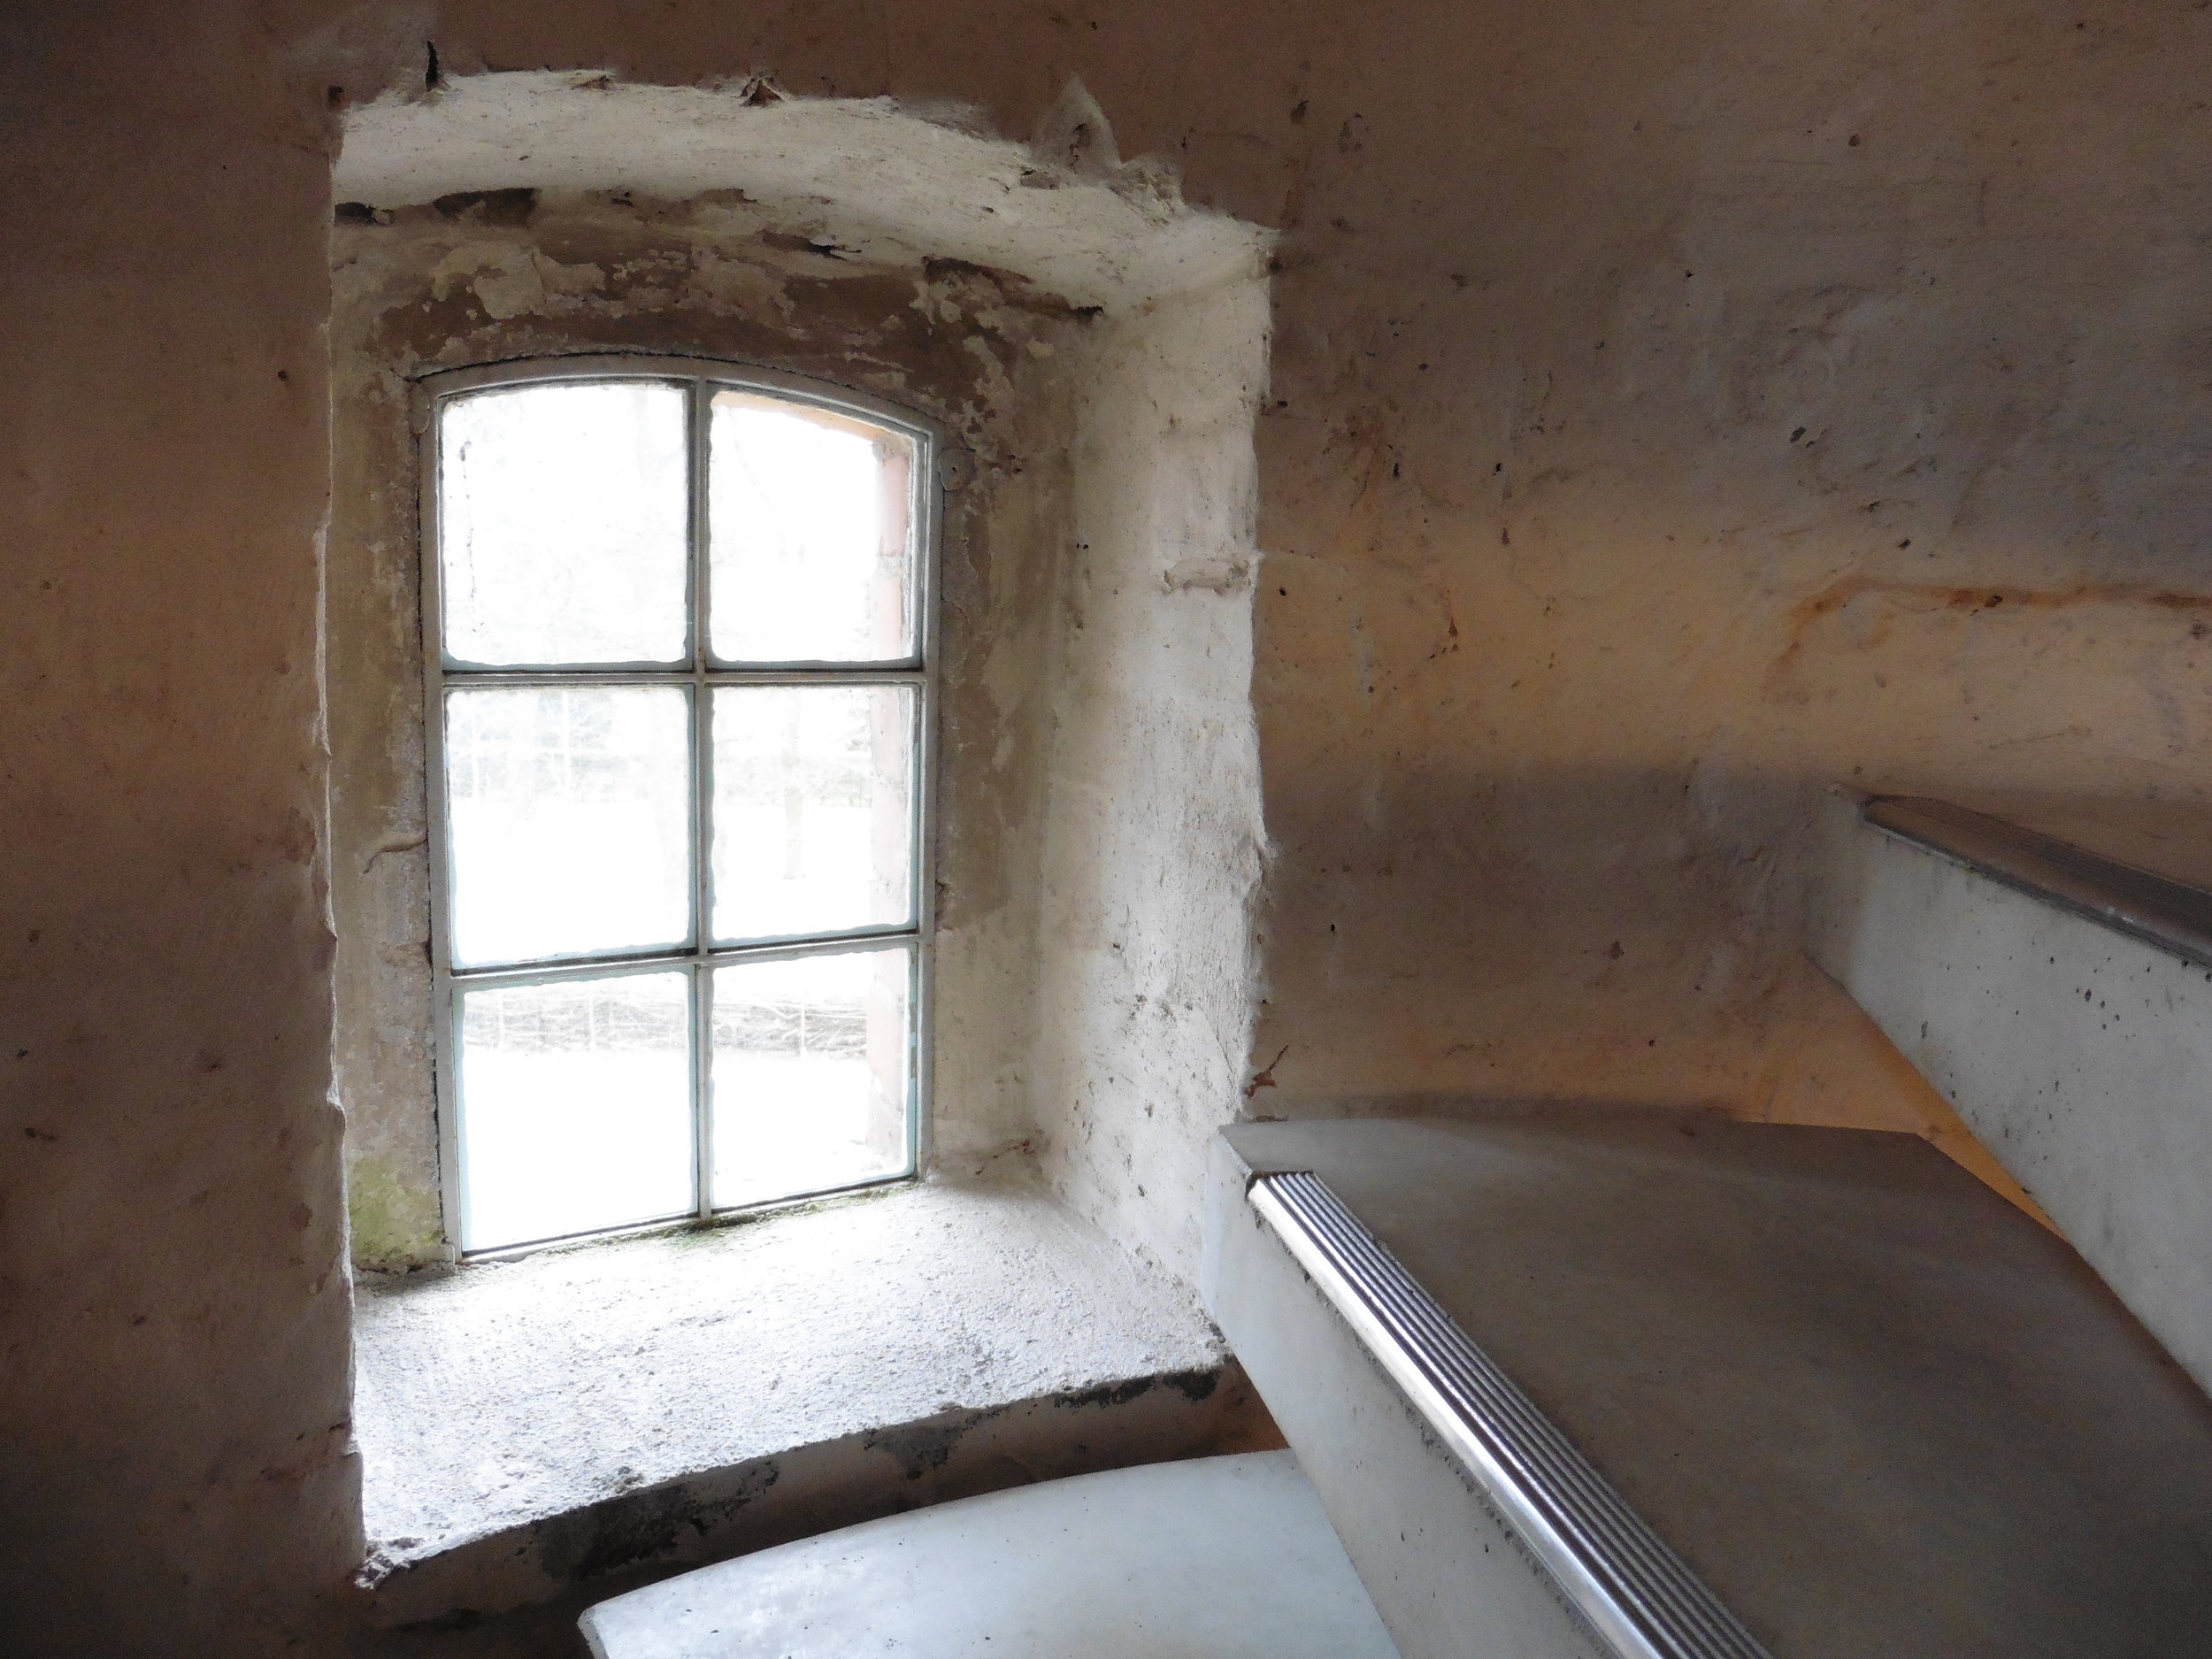 Treppenfenster_1_©BEWAHREN Ferienhaus eG P1020360.jpg